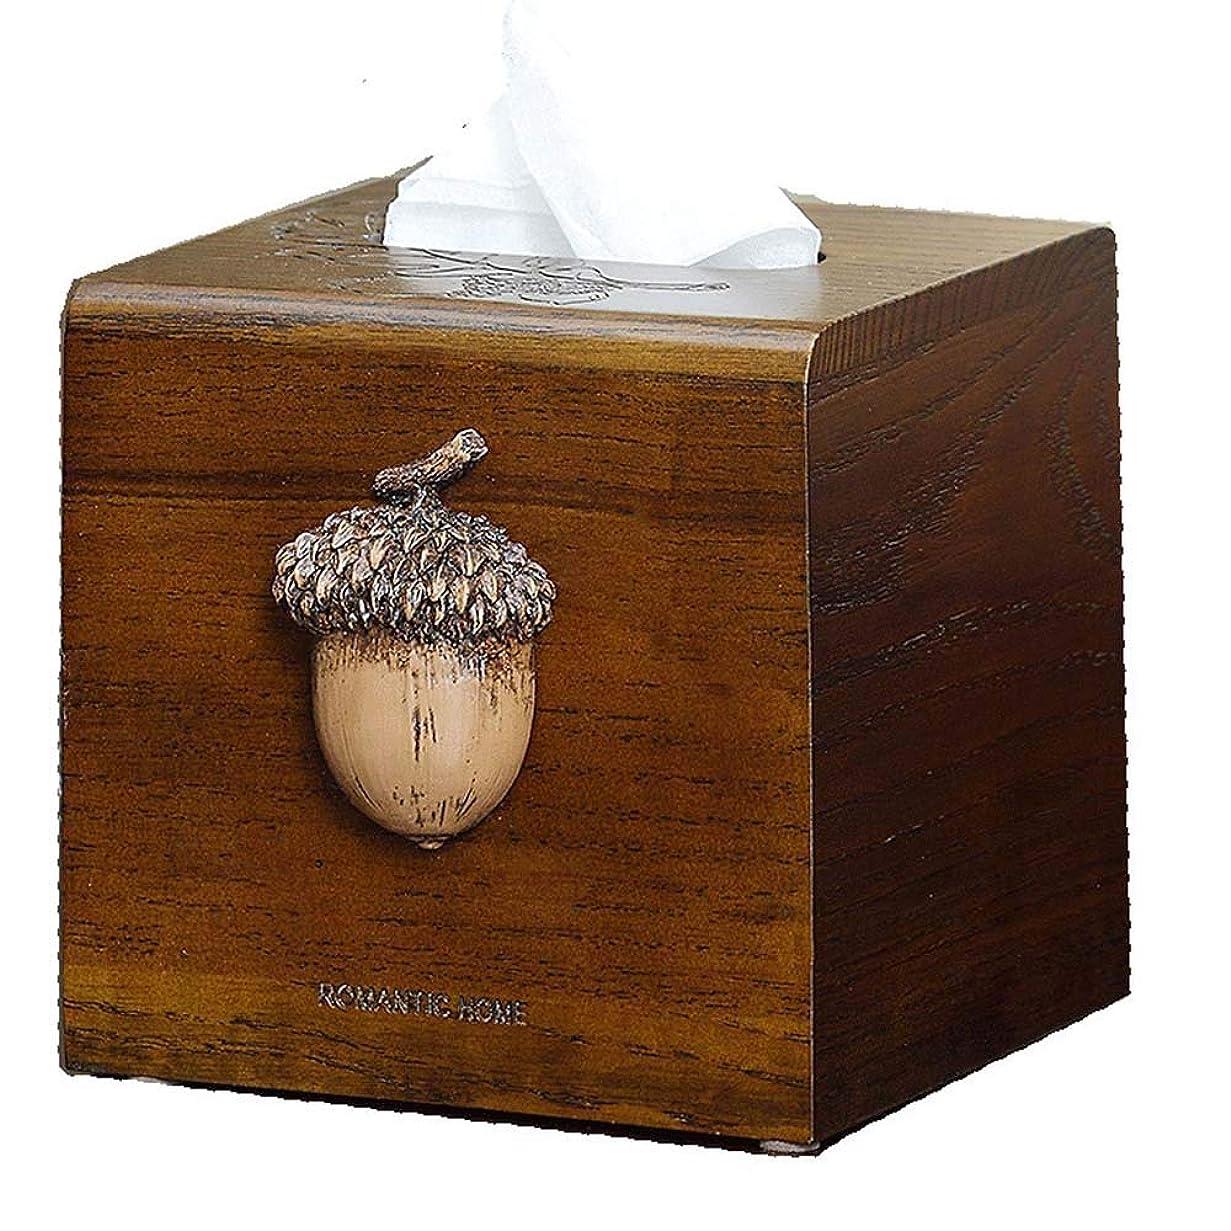 手数料あいまい石鹸ティッシュケース ティッシュボックス、アメリカのミニマリストレトロスクエア品質の木製ティッシュボックスホームオフィス車のティッシュボックス、スタイリッシュで美しいです